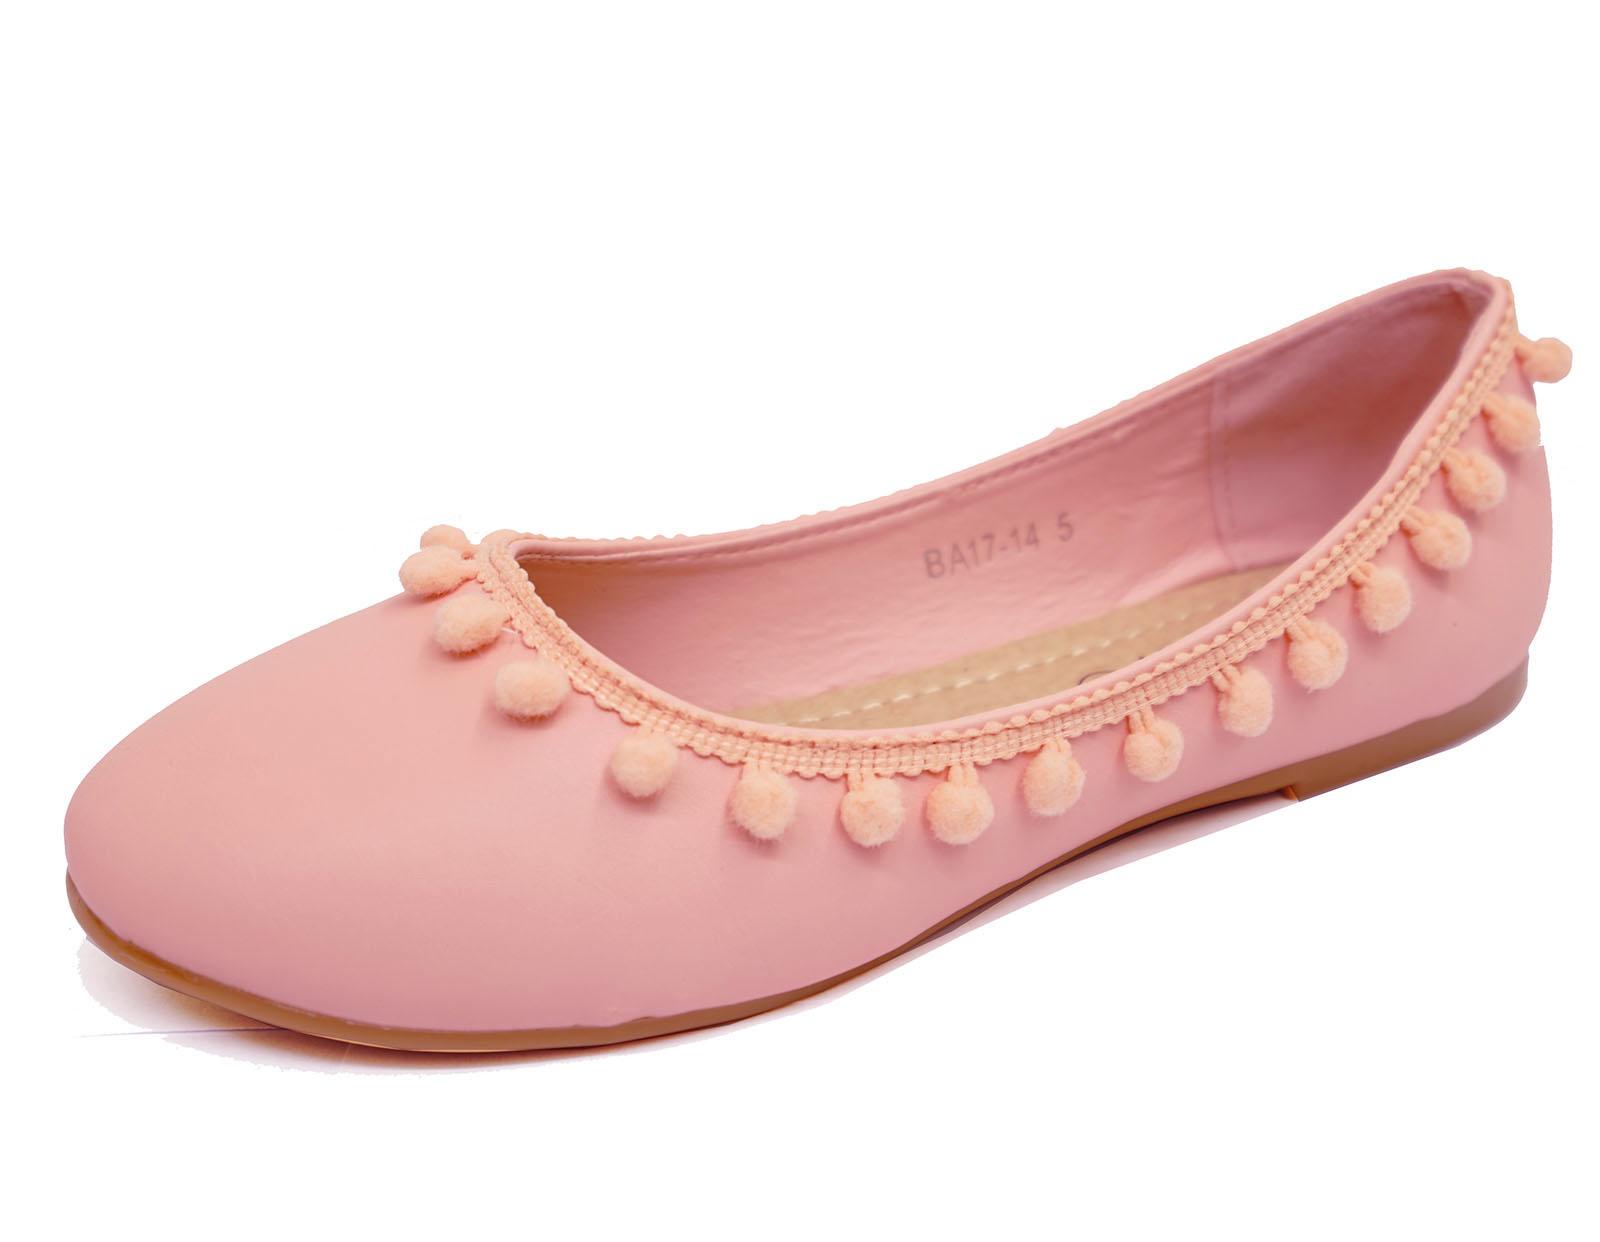 Señoras Rosa Plano Sin Cordones Zapatos Pom-Pom Bailarina Ballet Bombas Dolly Tamaños 3-8